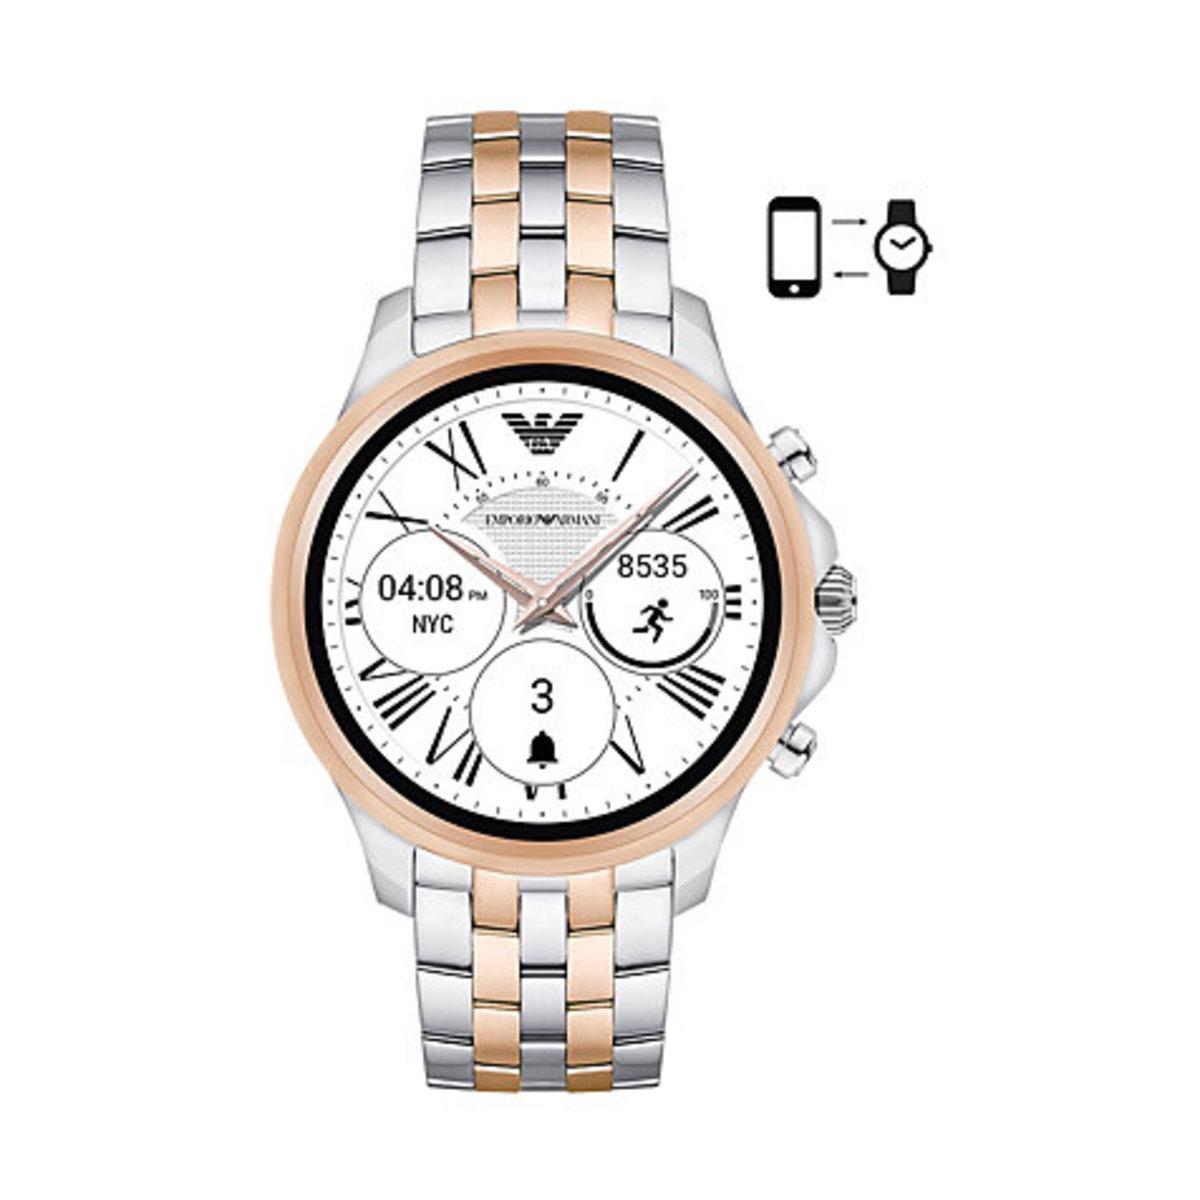 Bild 1 von Emporio Armani Connected Smartwatch ART5001